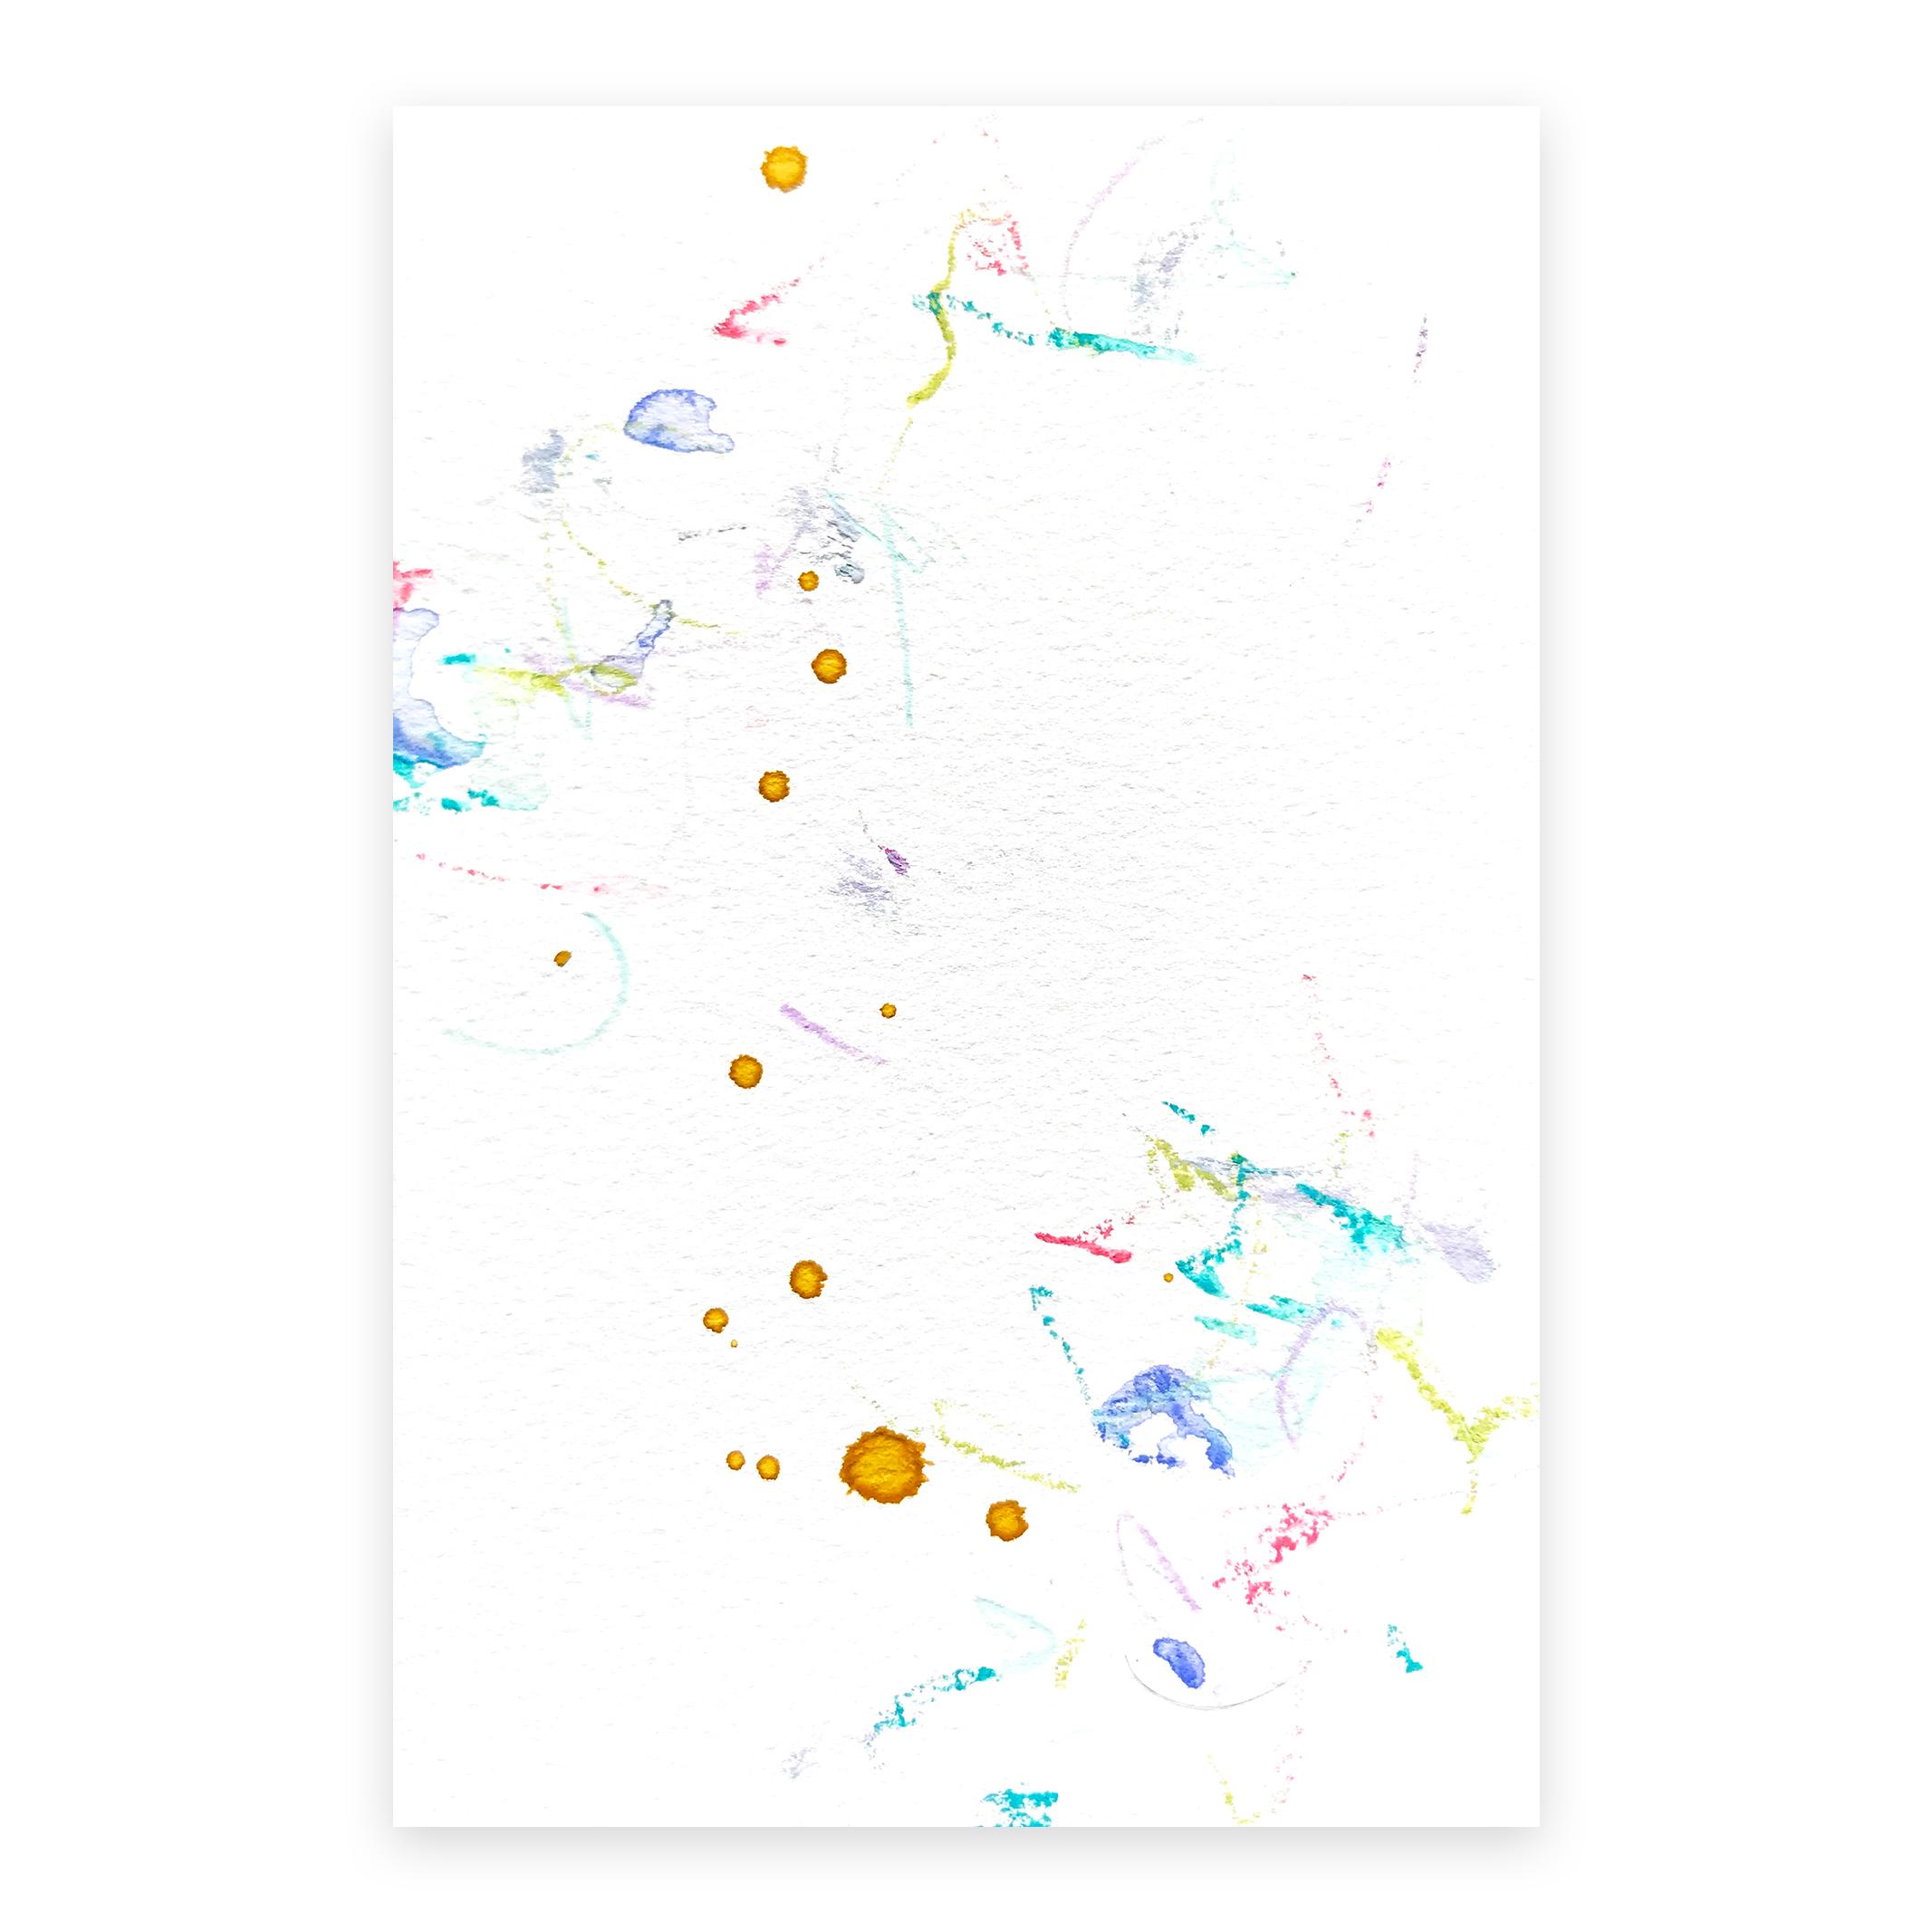 dd_nov28181  Mixed media on paper 14.8×10cm